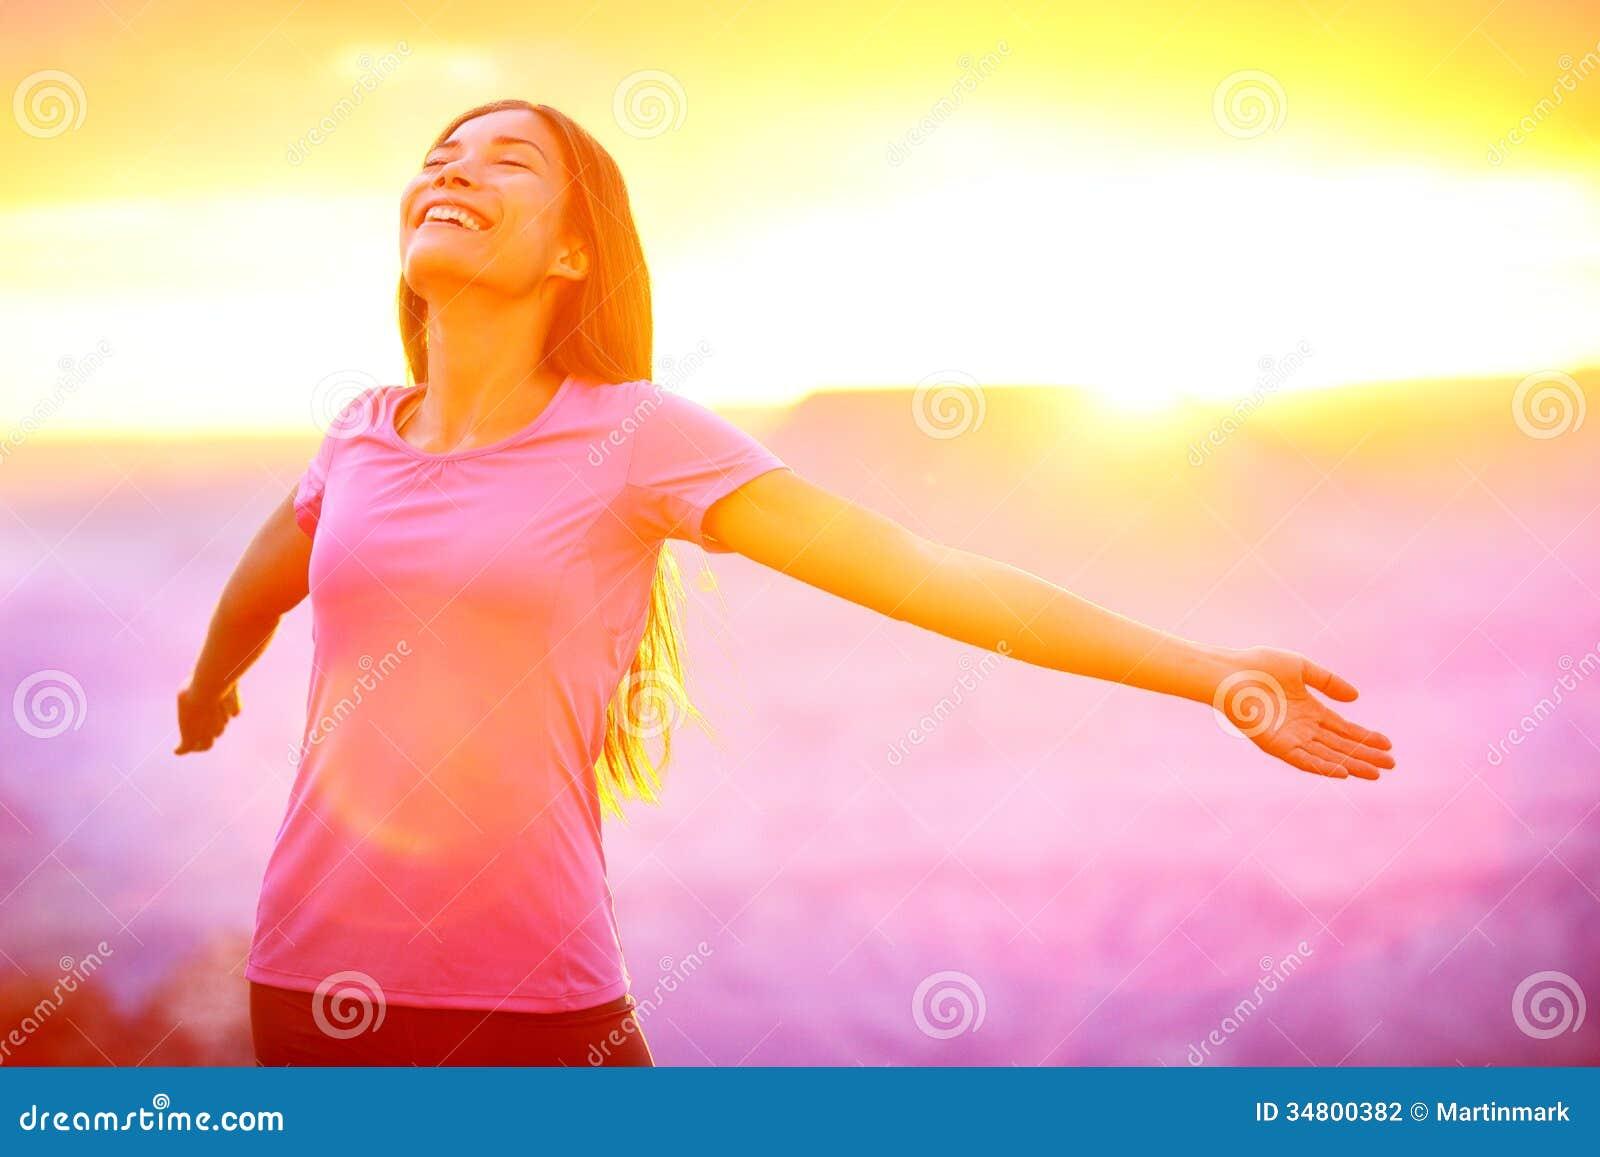 Glückliche Menschen - freie Frau, die Natursonnenuntergang genießt